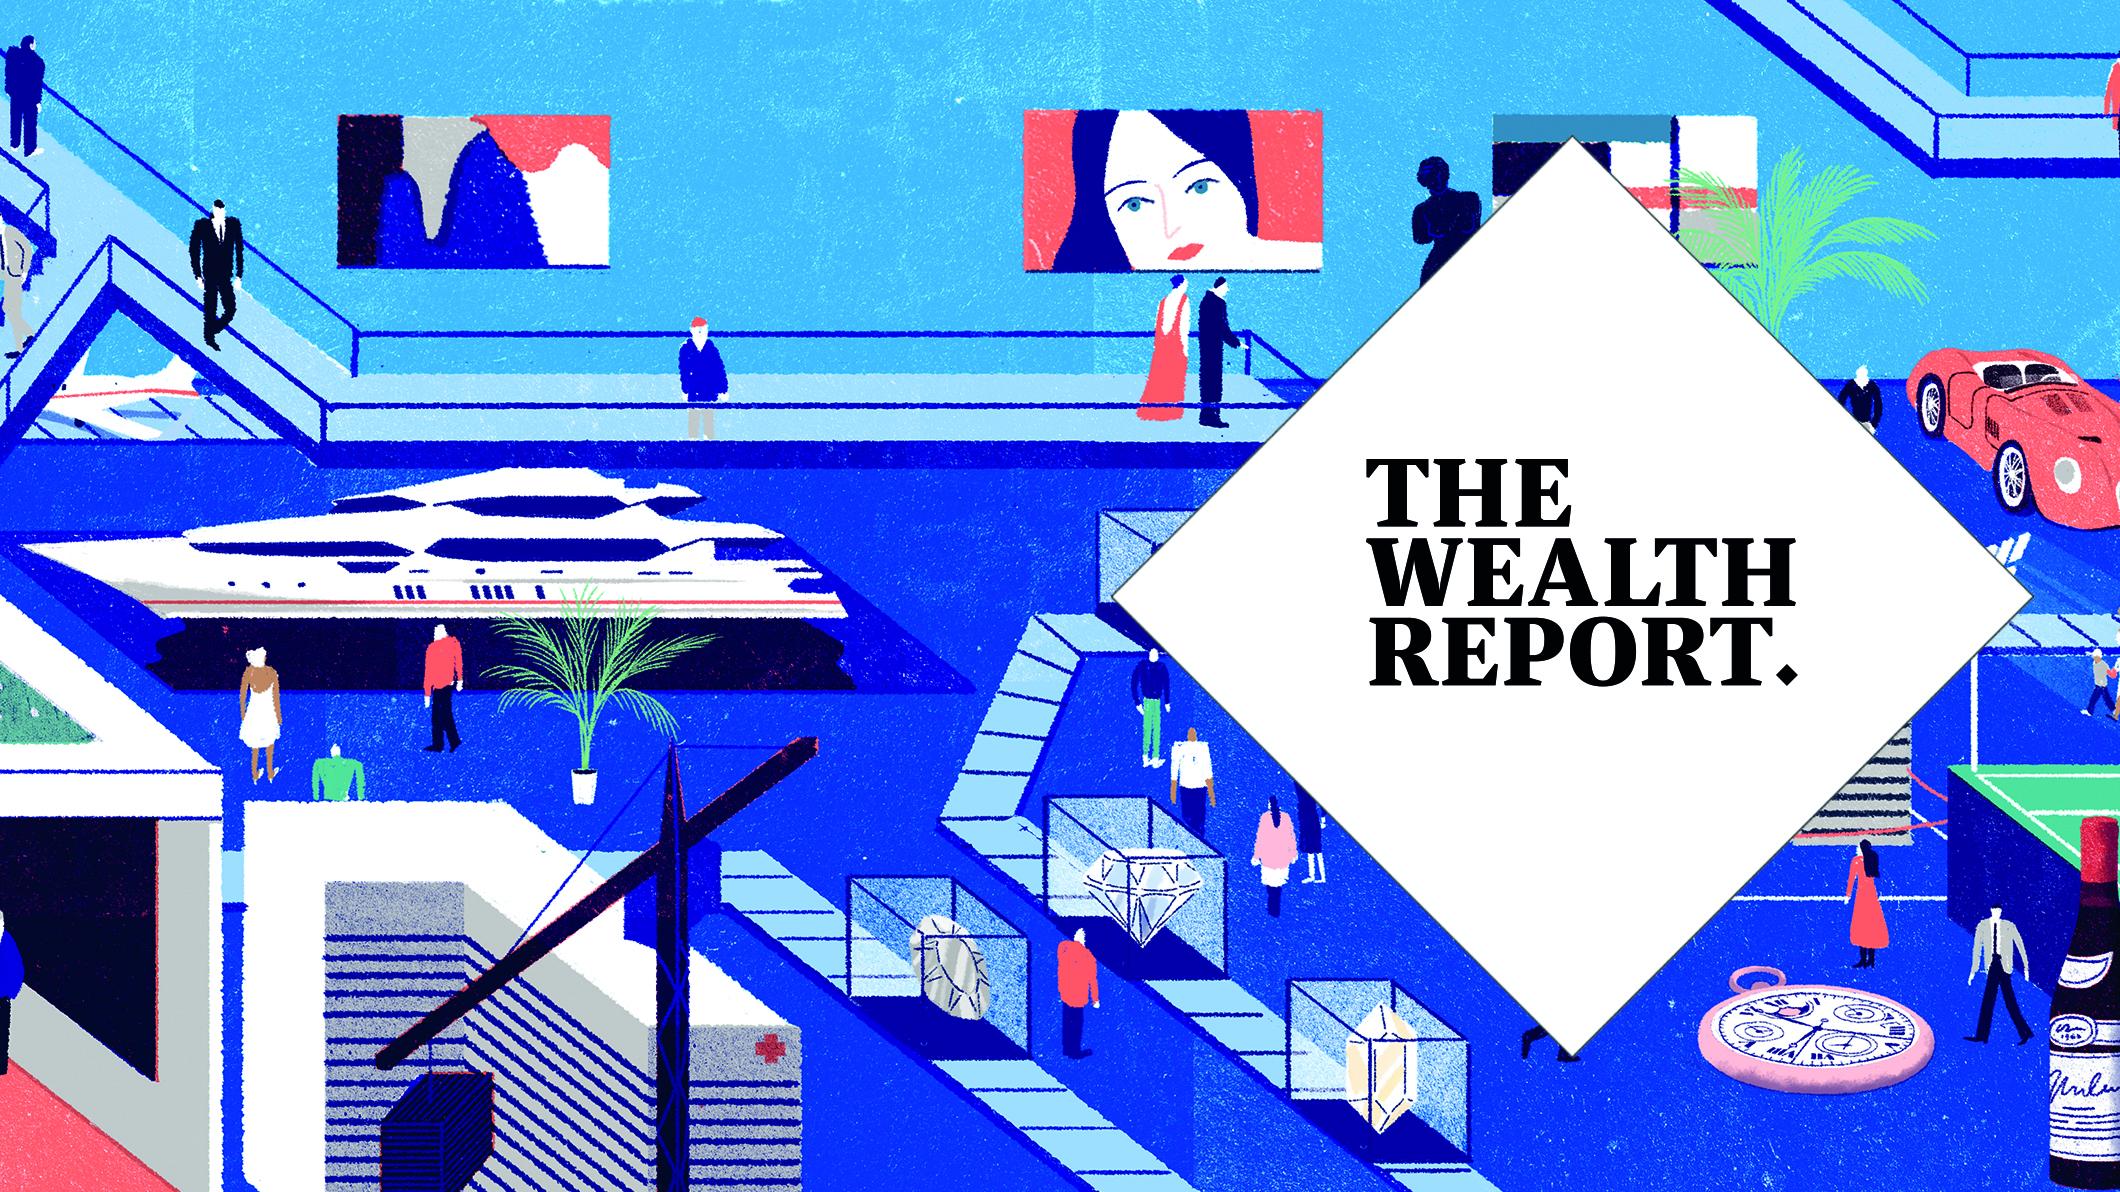 Investissements immobiliers à Marbella: l'objectif des millionnaires